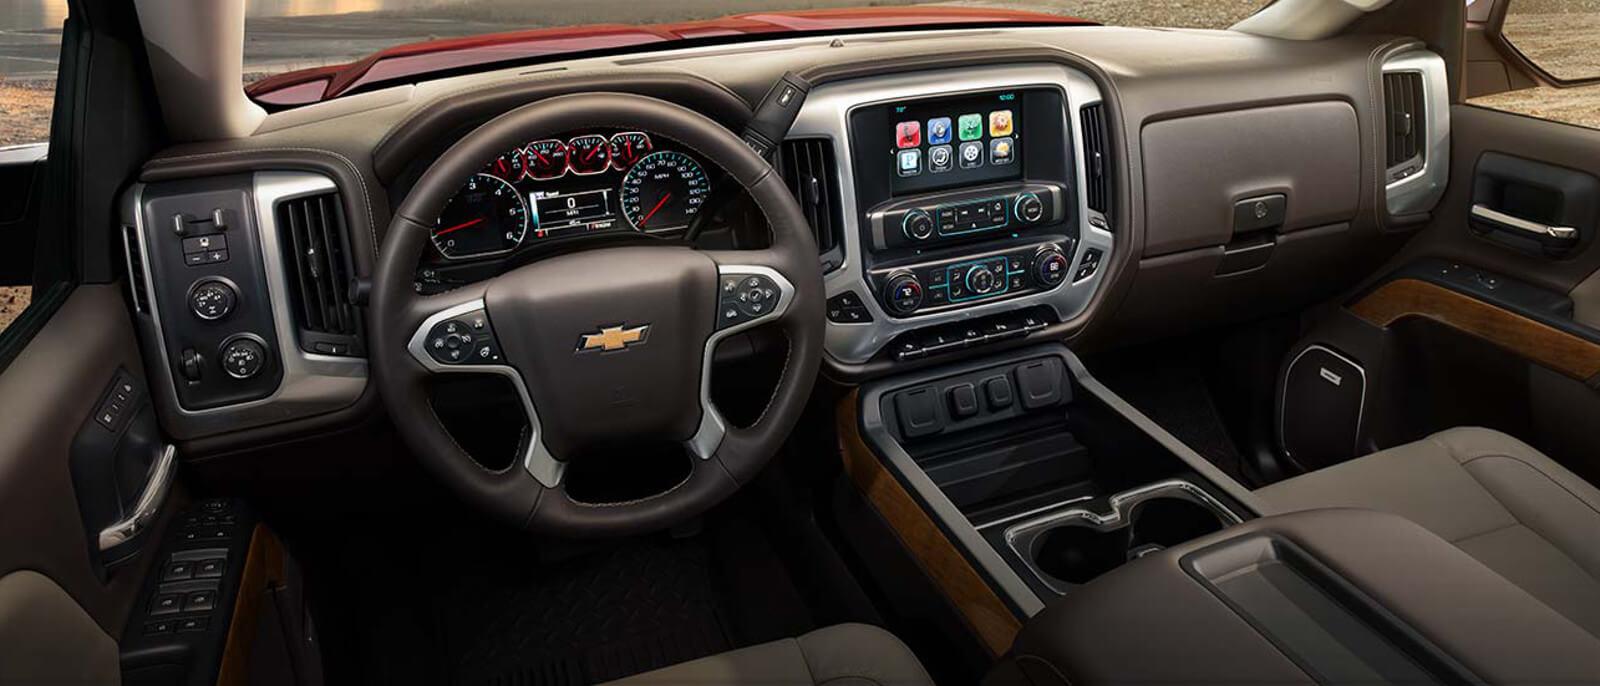 2015 Chevrolet Silverado 2500 interior